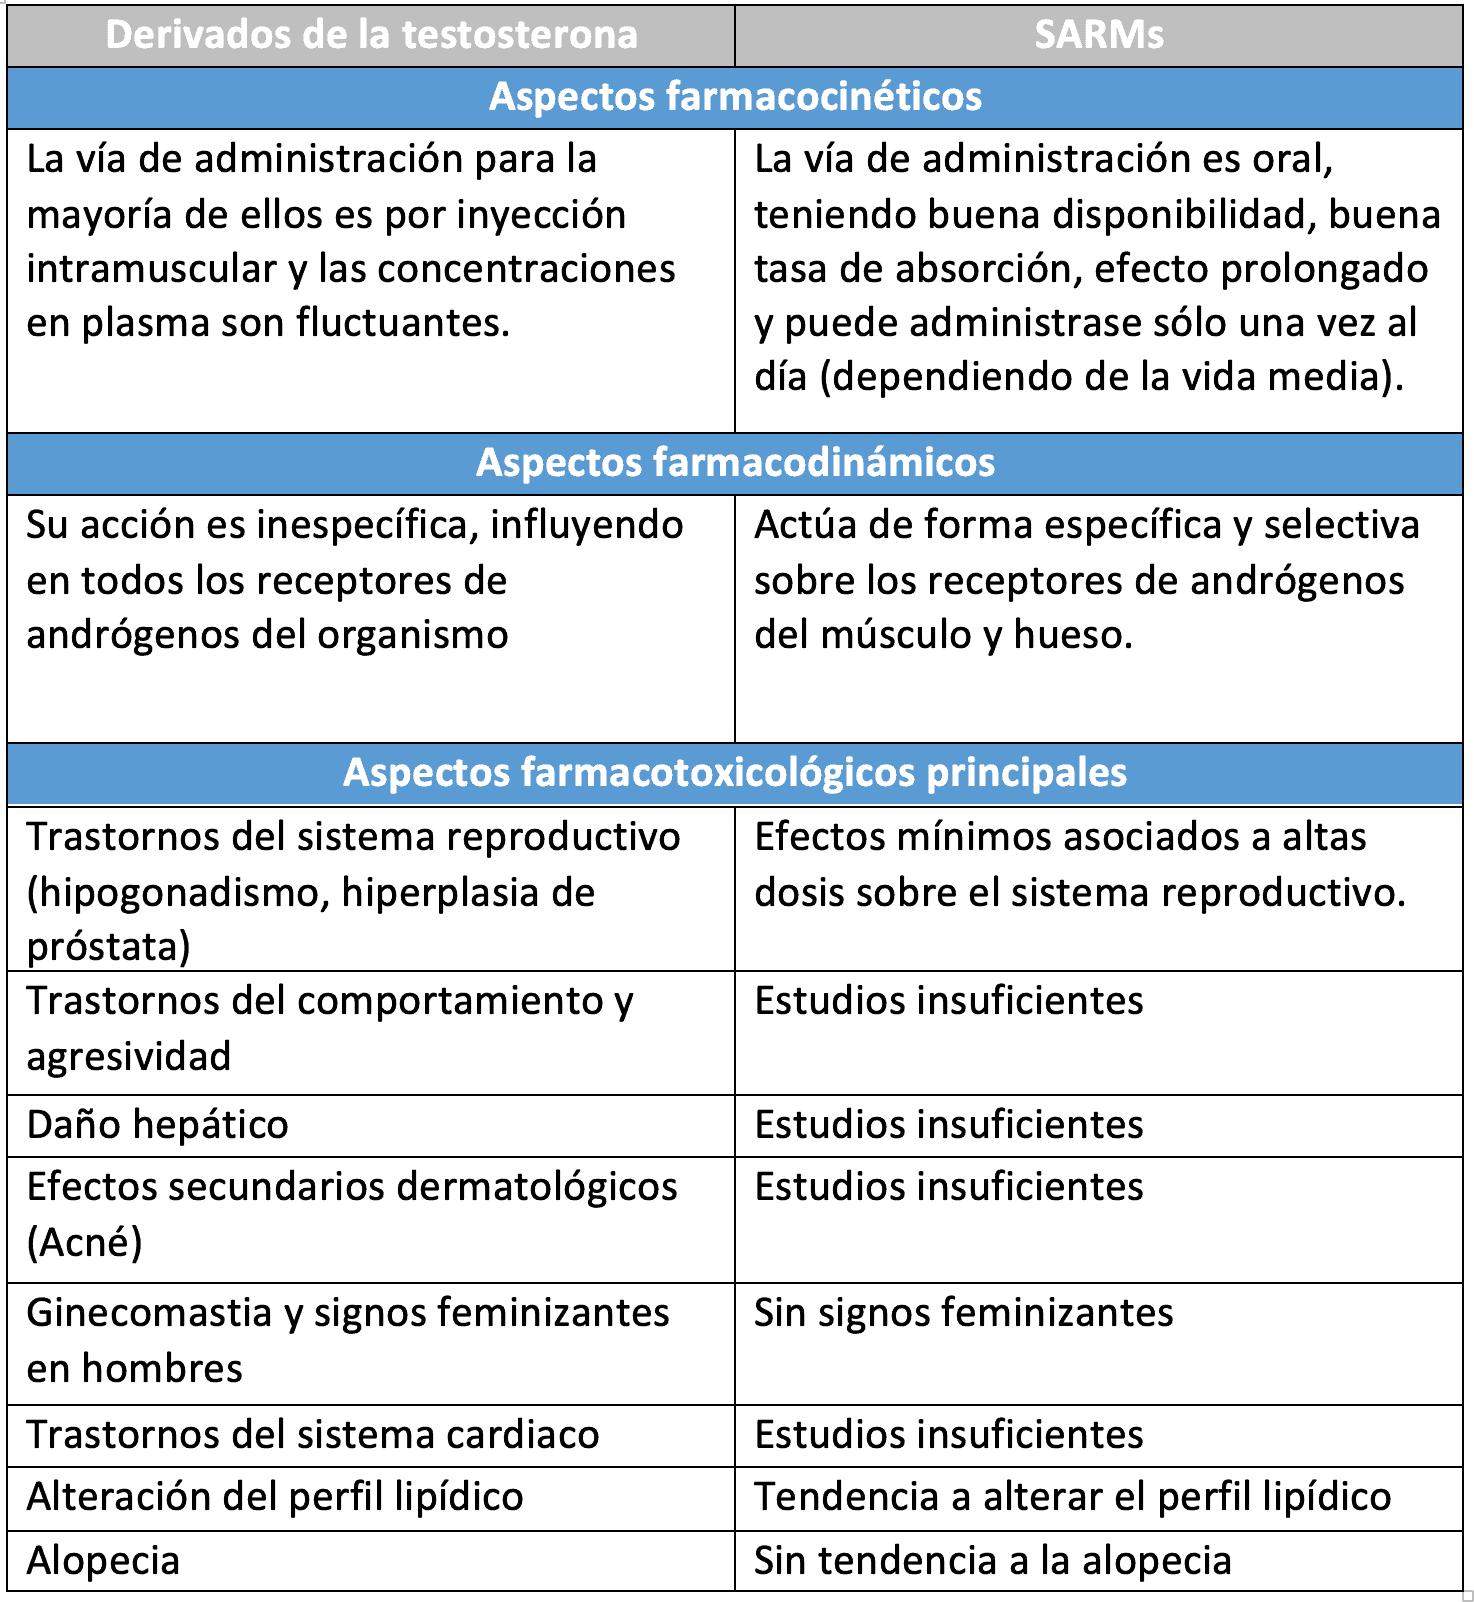 diferencias entre los SARMs y las características de los derivados de testosterona